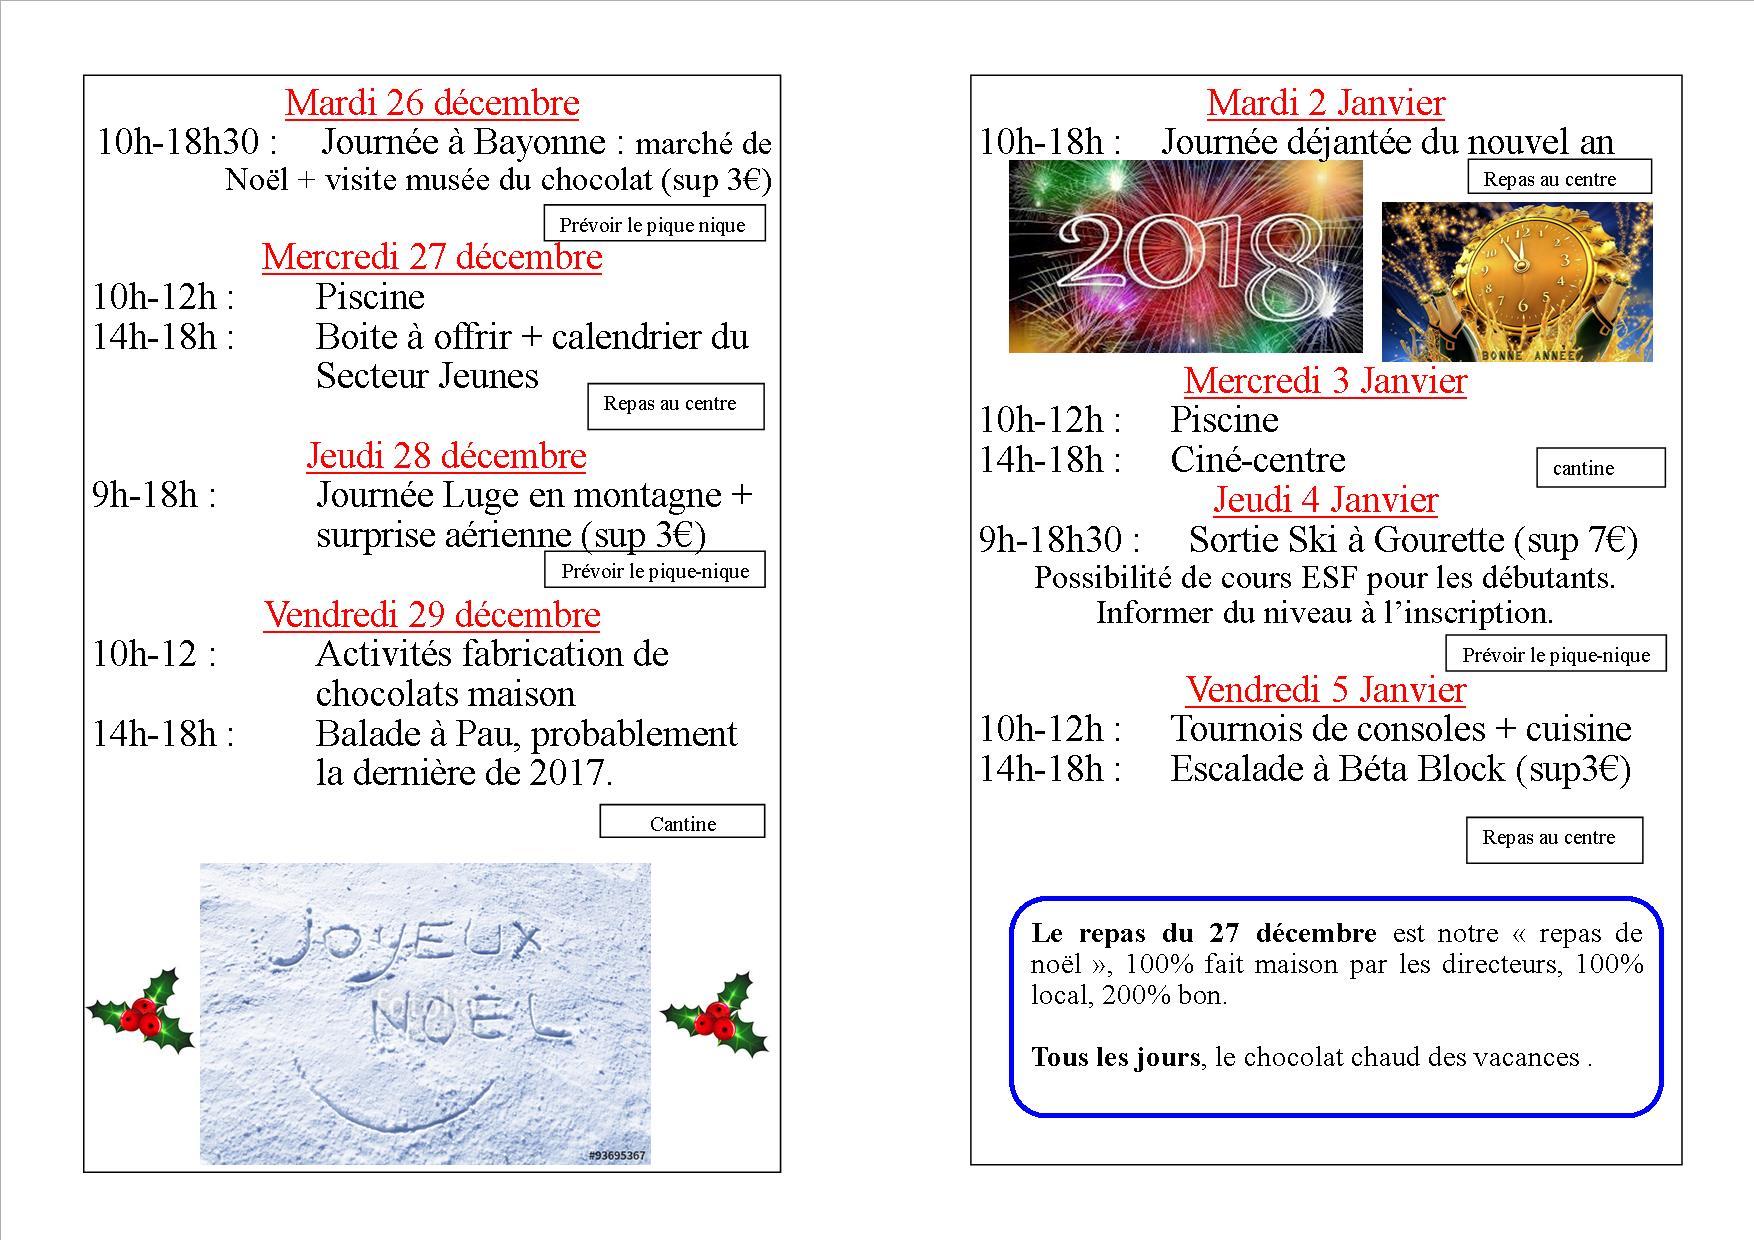 prog noel 2017 new